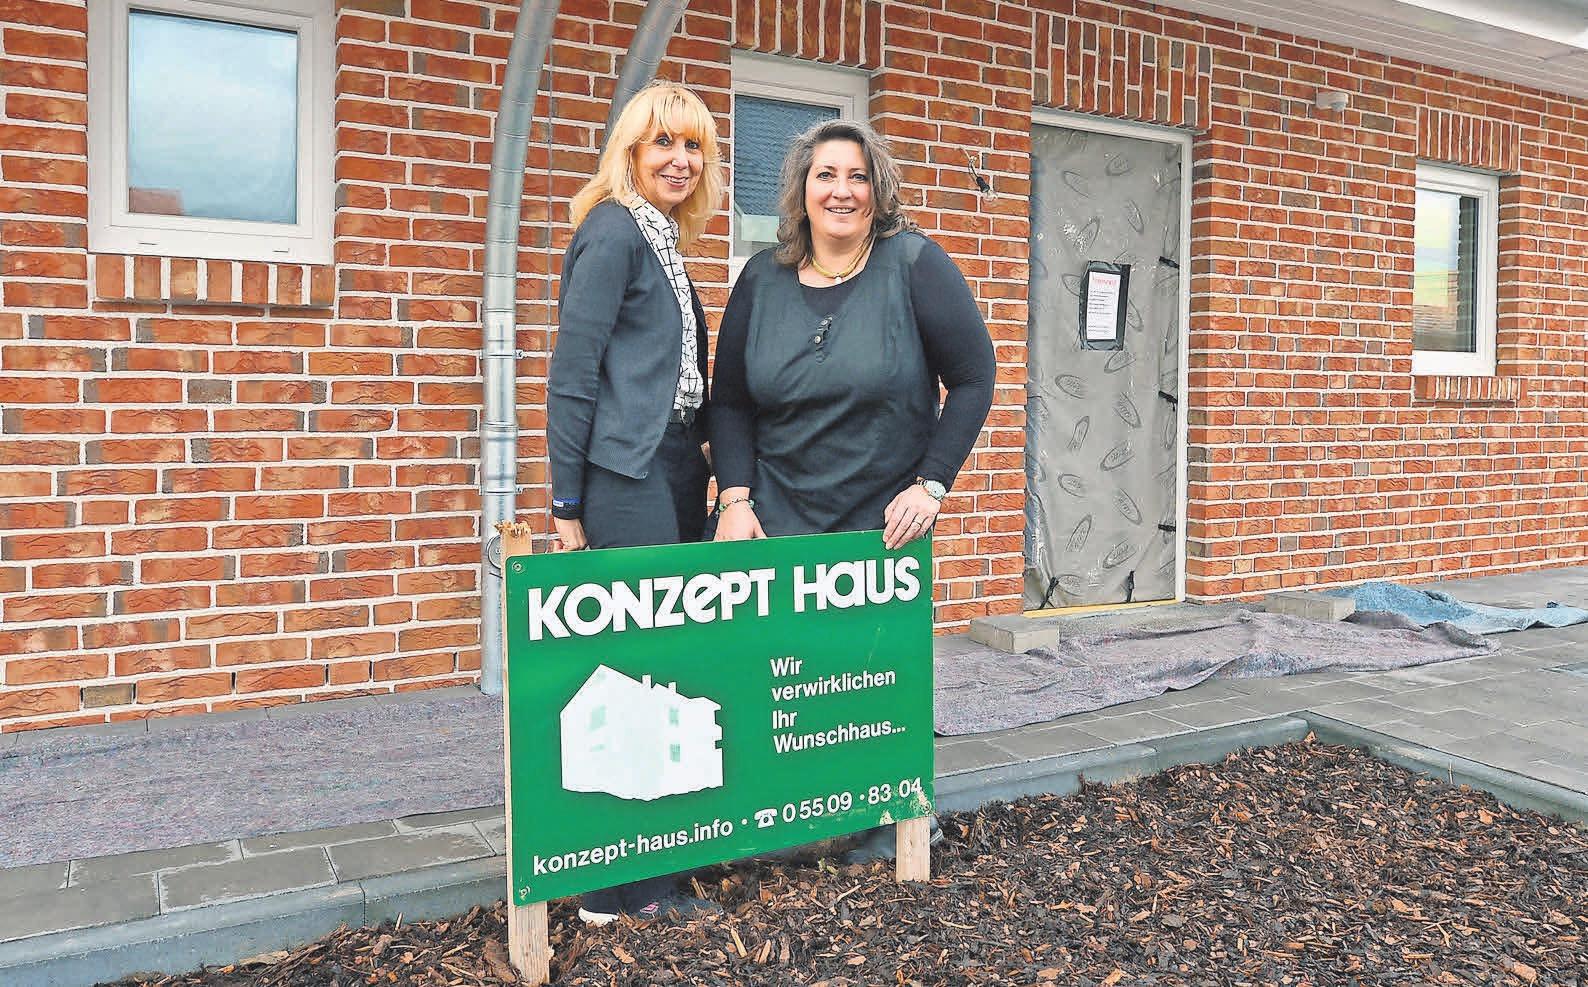 Konzept-Haus-Geschäftsführerin Ilona Nitsch (rechts) mit ihrer Mitarbeiterin Sigrid Hanelt.